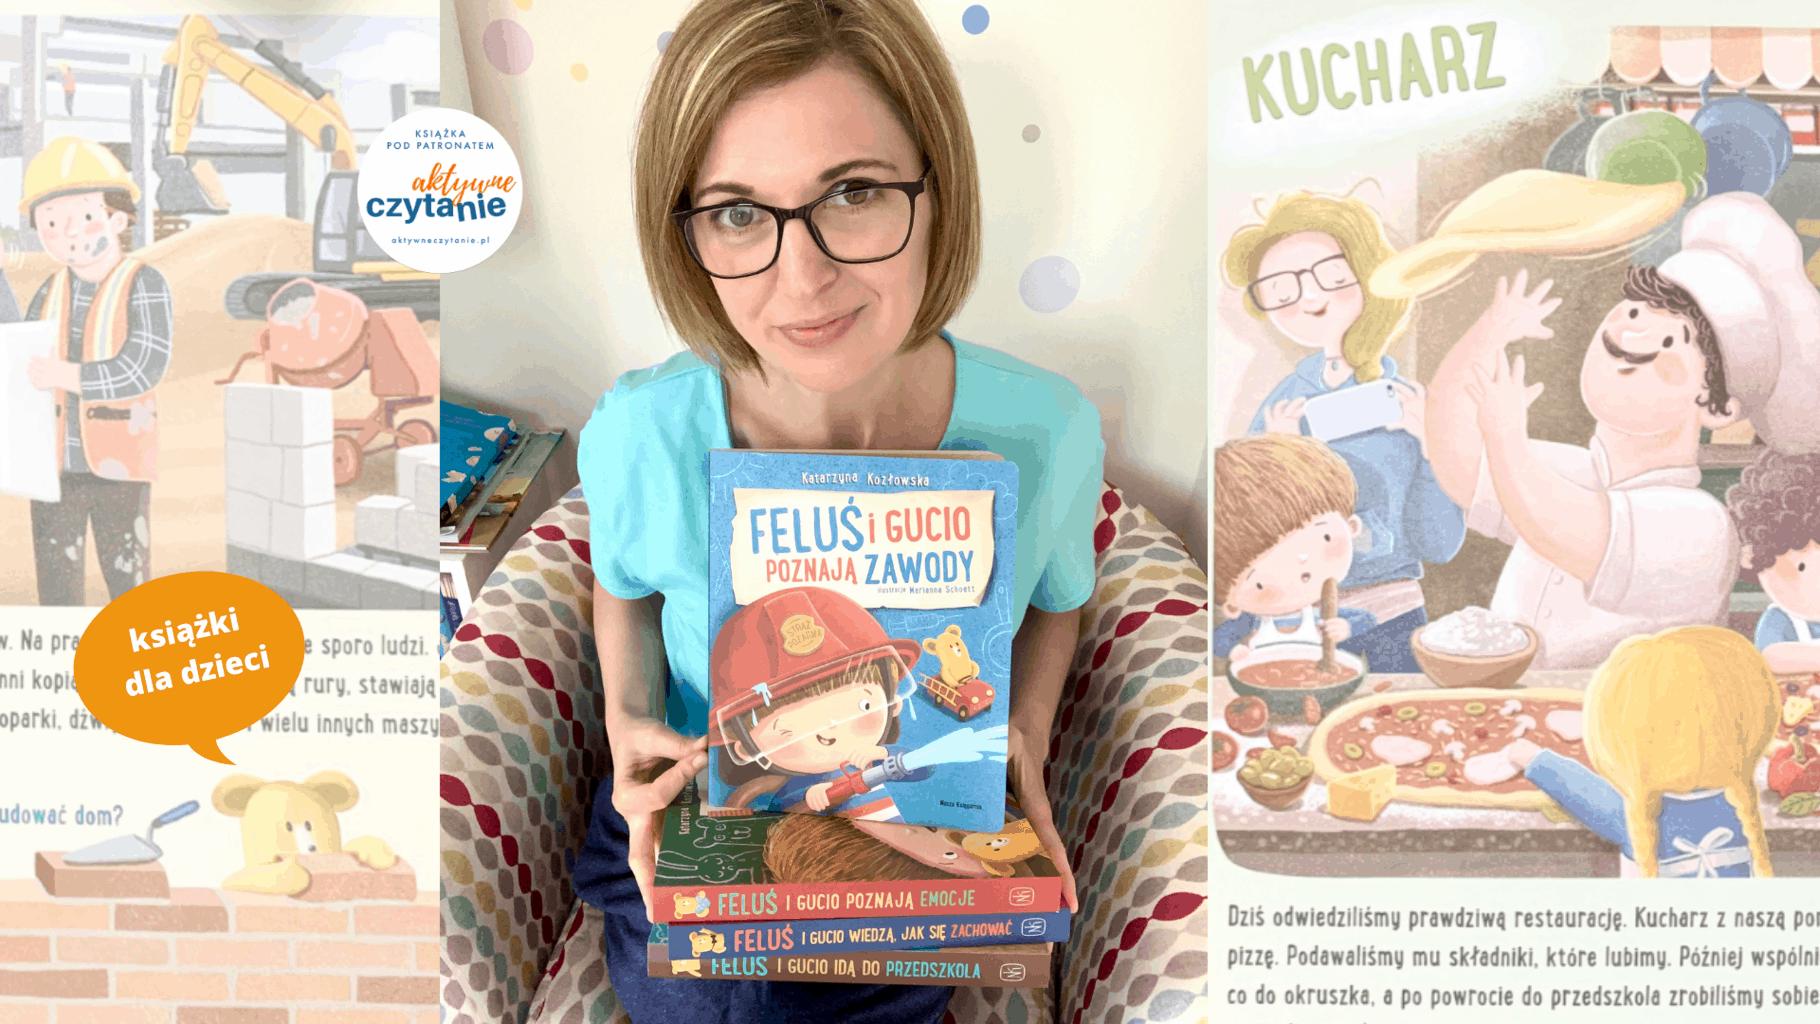 ksiazki dla 2-4 latkow felus igucio poznaja zawody seria ksiazki dla dzieci aktywne czytanie